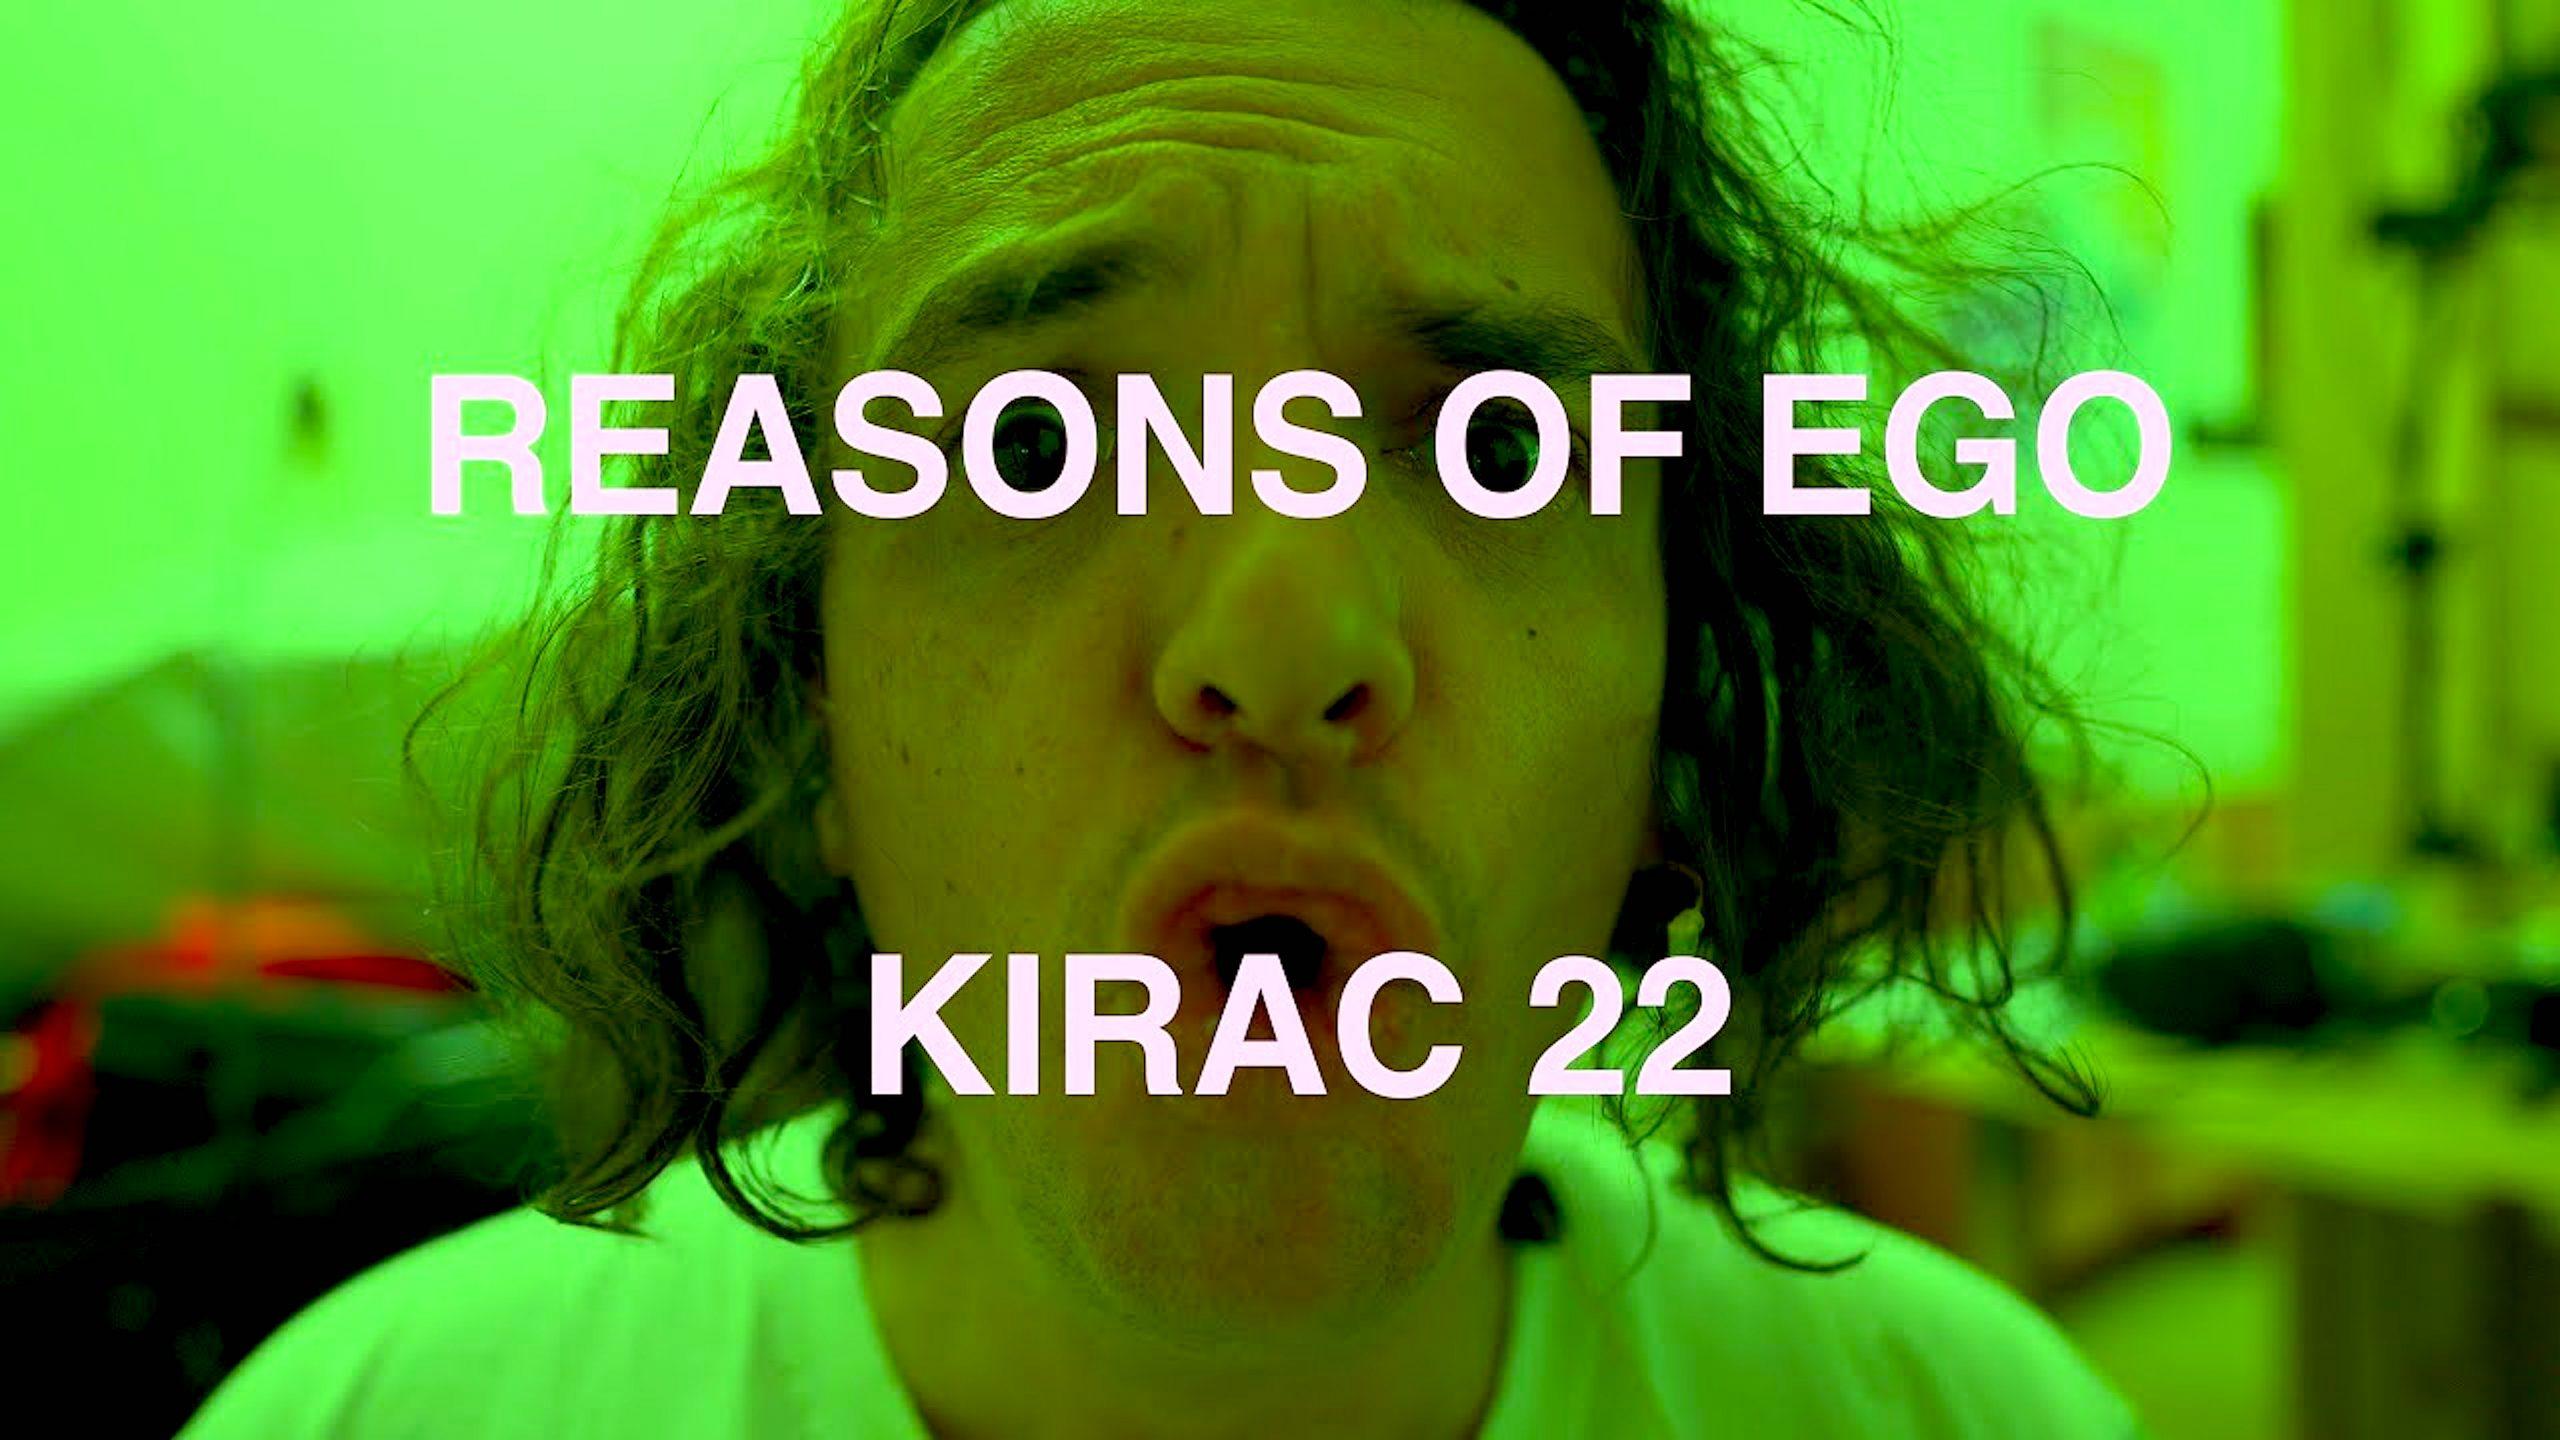 KIRAC (22) Reasons of Ego (foto YouTube)